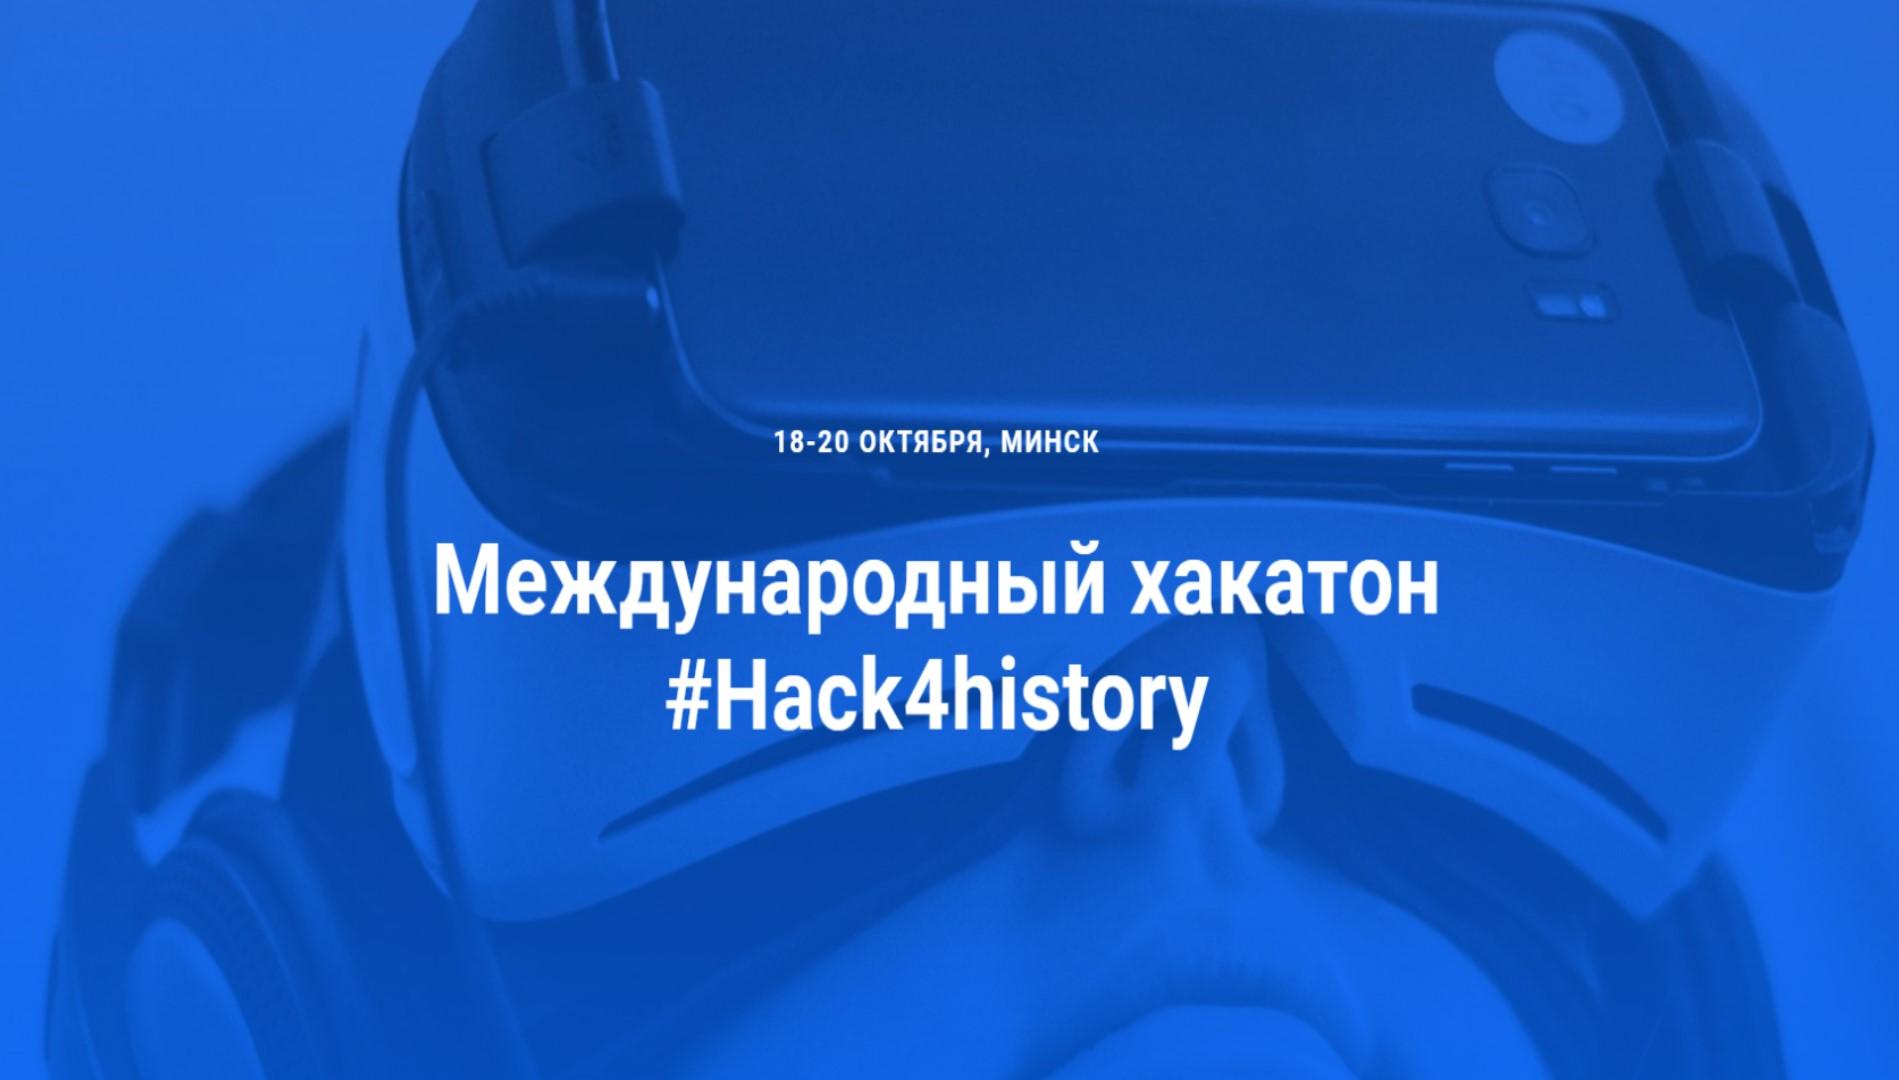 Как прошла историческая сессия по разработке исторических проектов (хакатон)